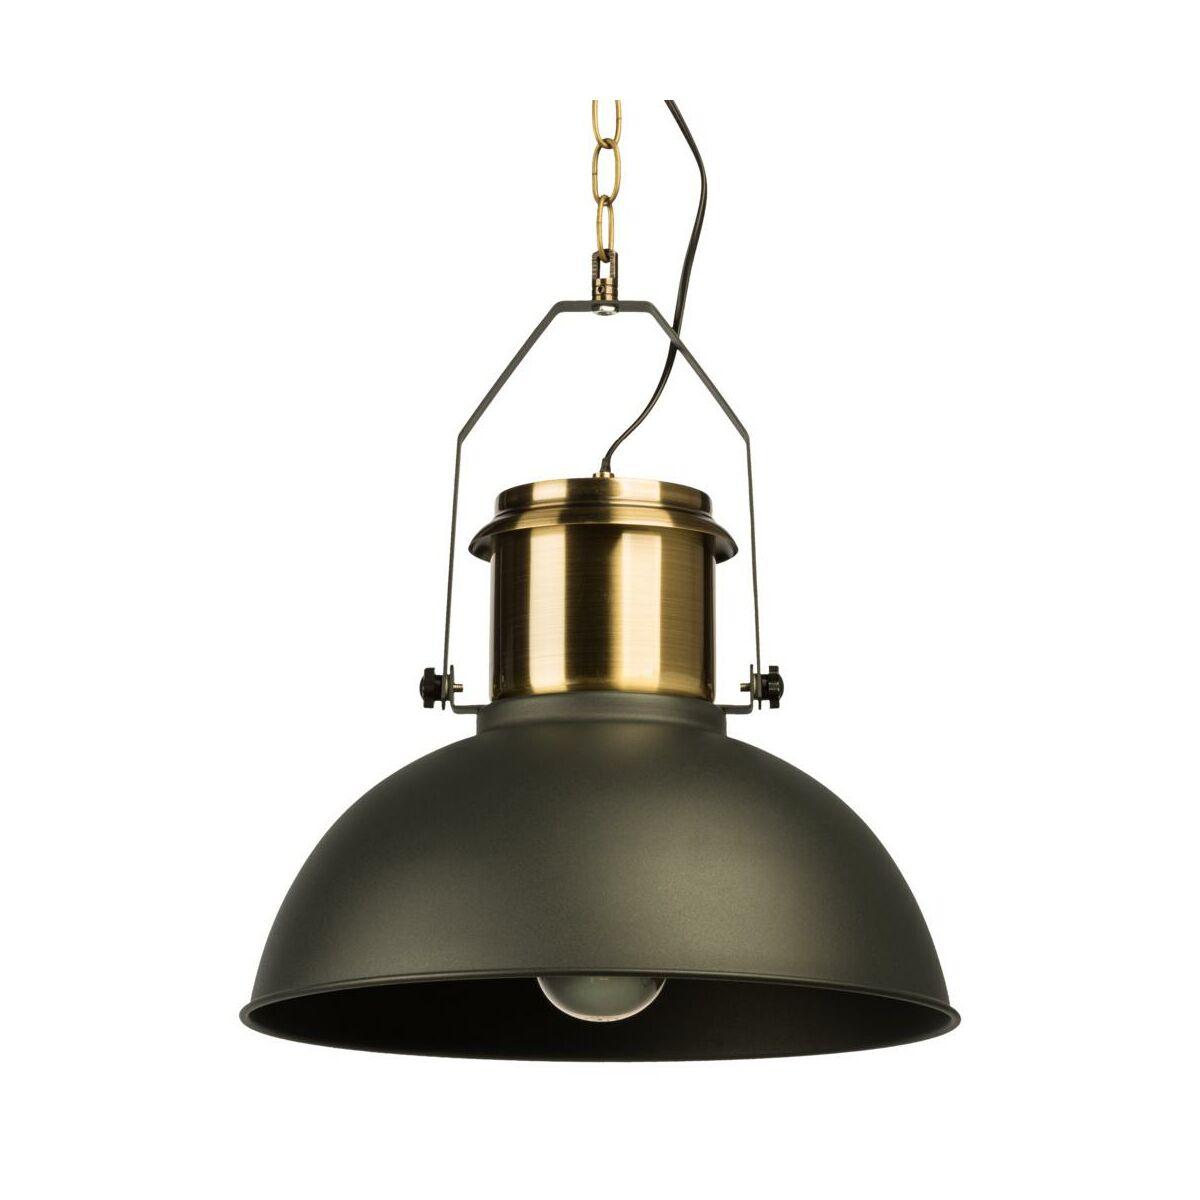 Lampa Wisząca Teda Inspire Lampy Sufitowe żyrandole Plafony W